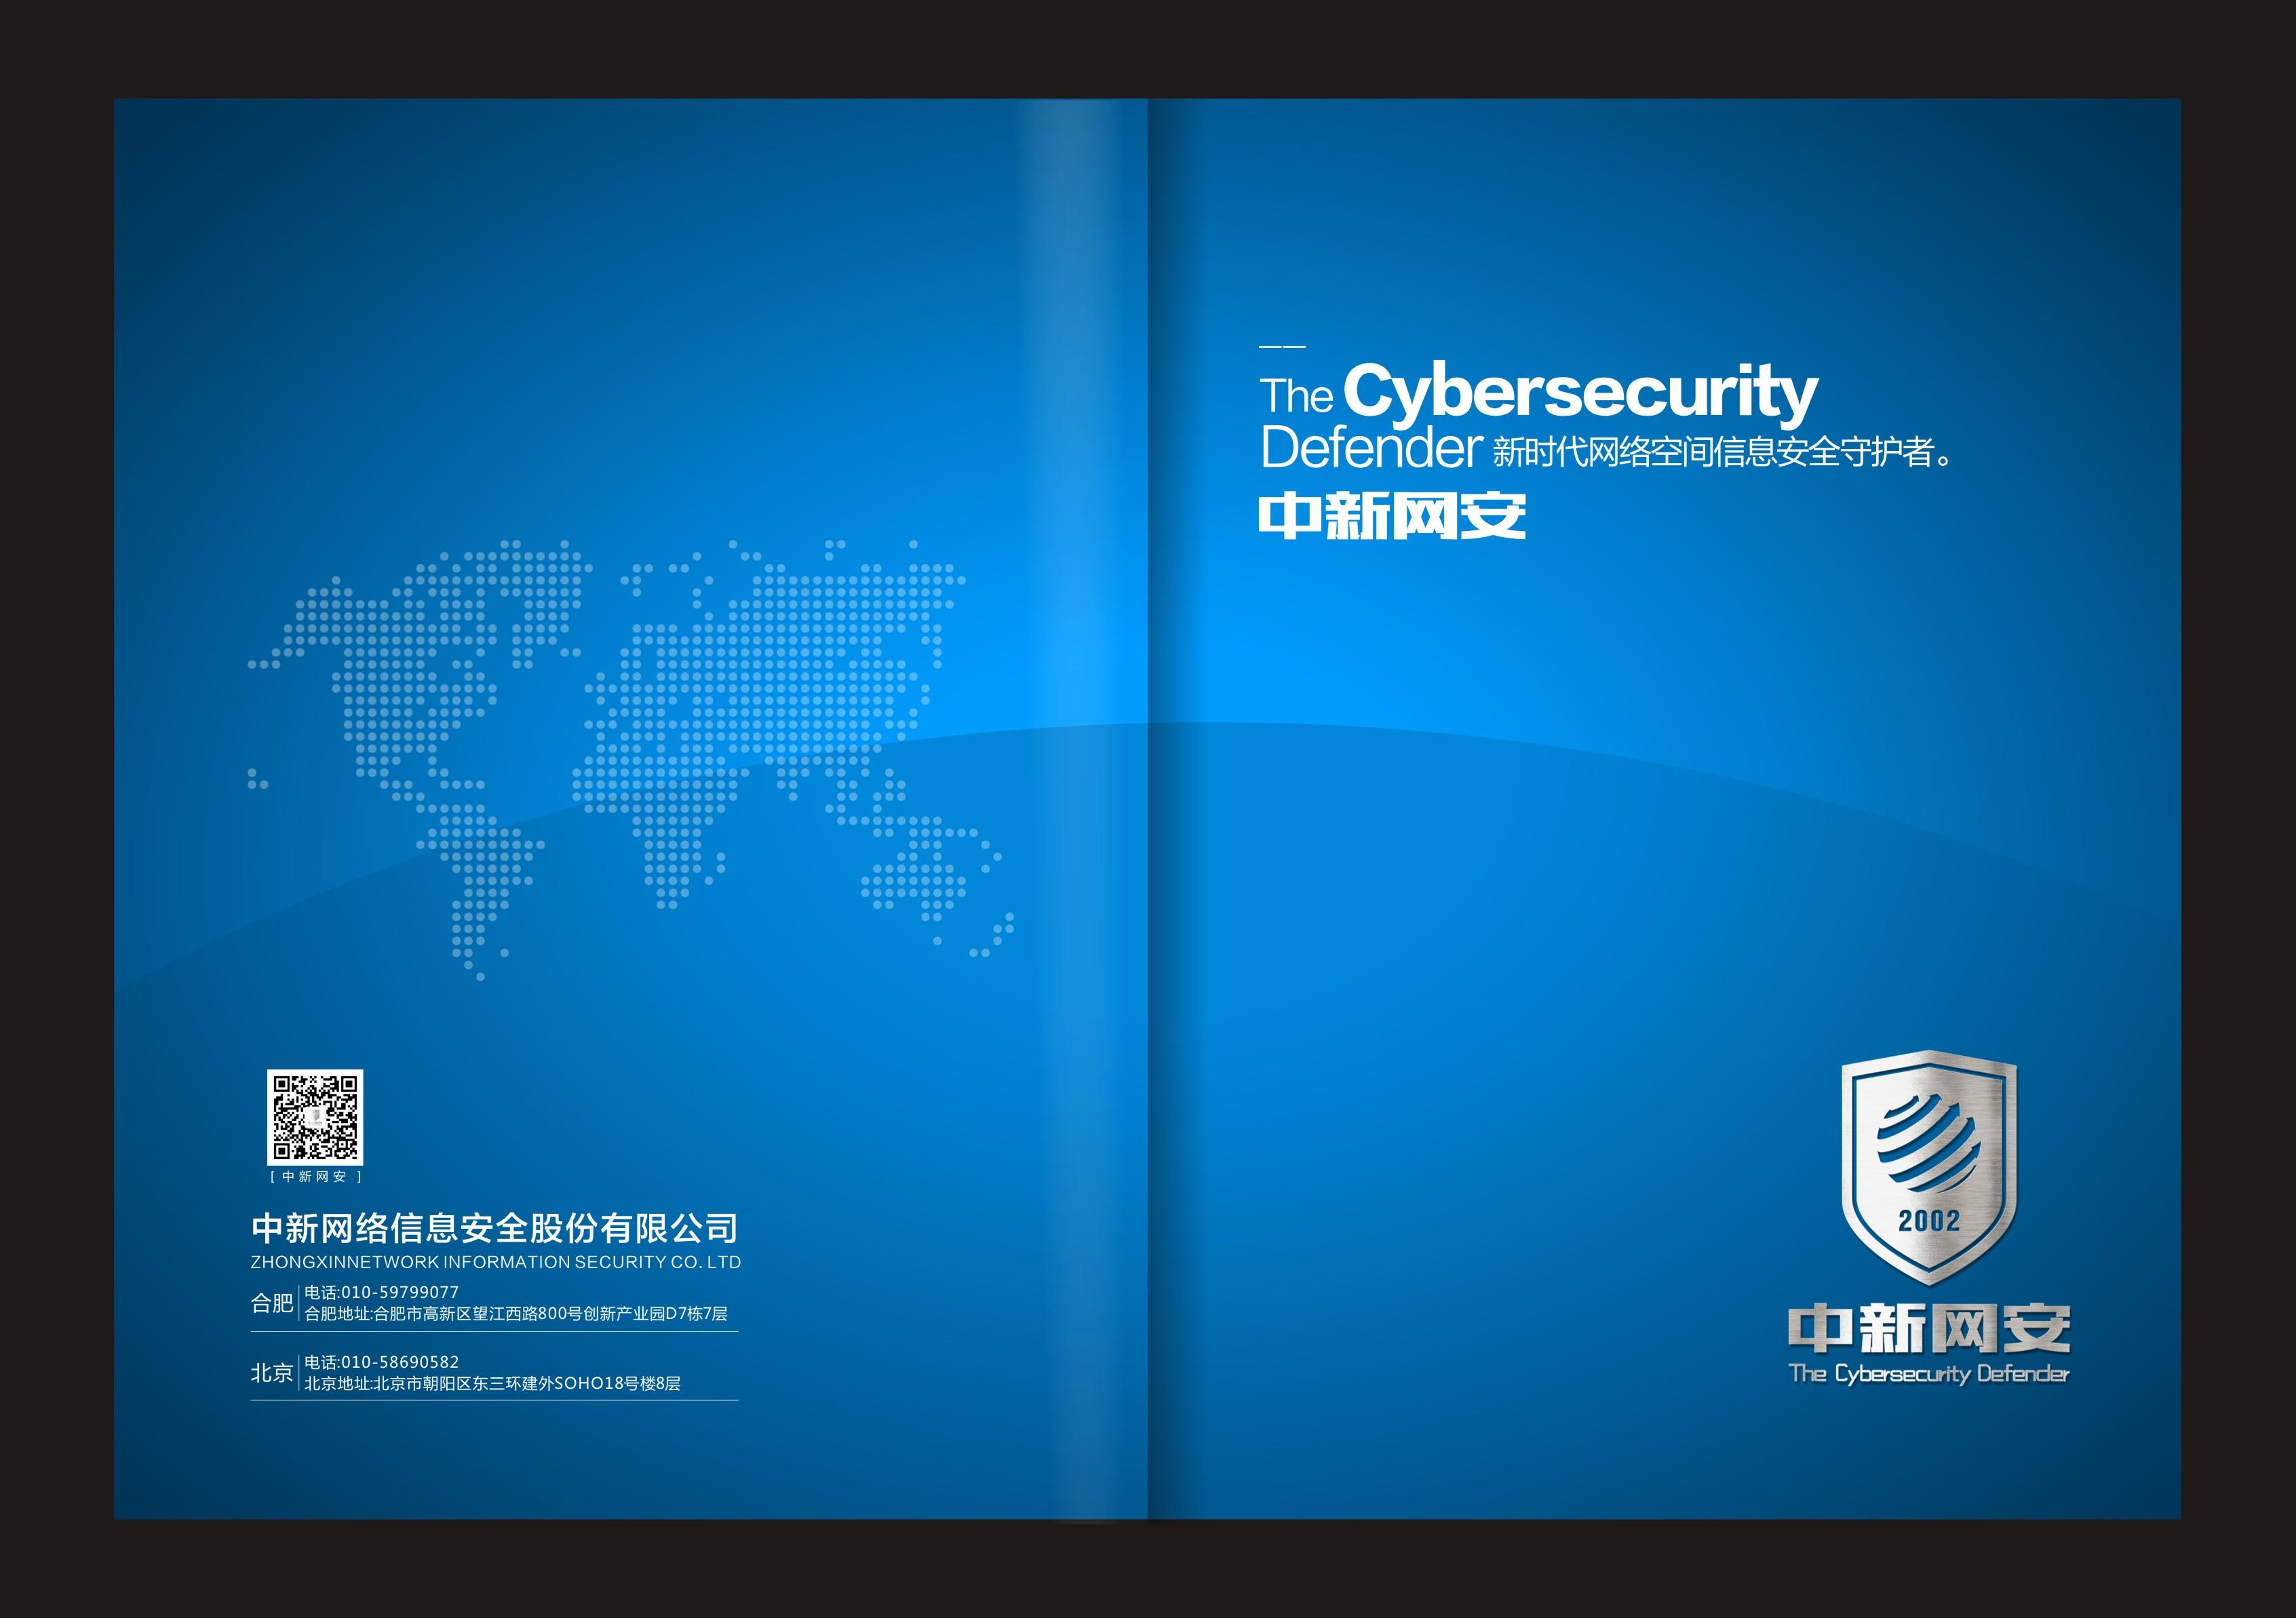 中新网络安全技术股份